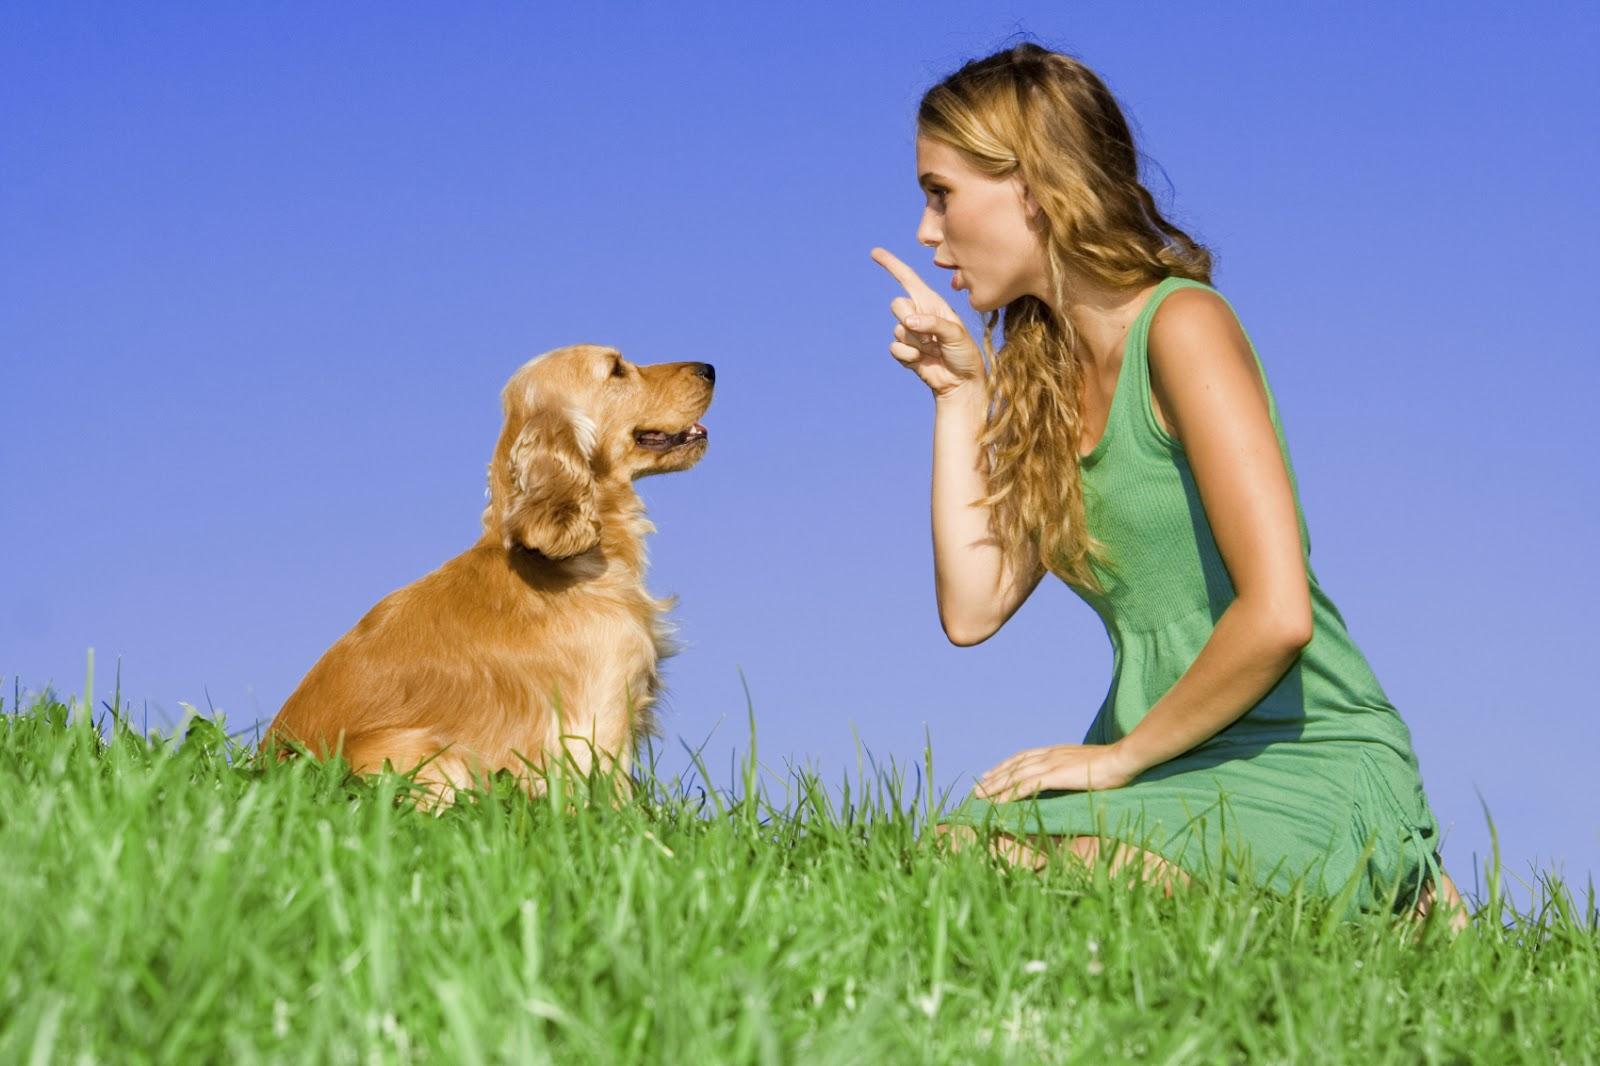 Η ανθρώπινη όσφρηση ανταγωνίζεται αυτή του … σκύλου